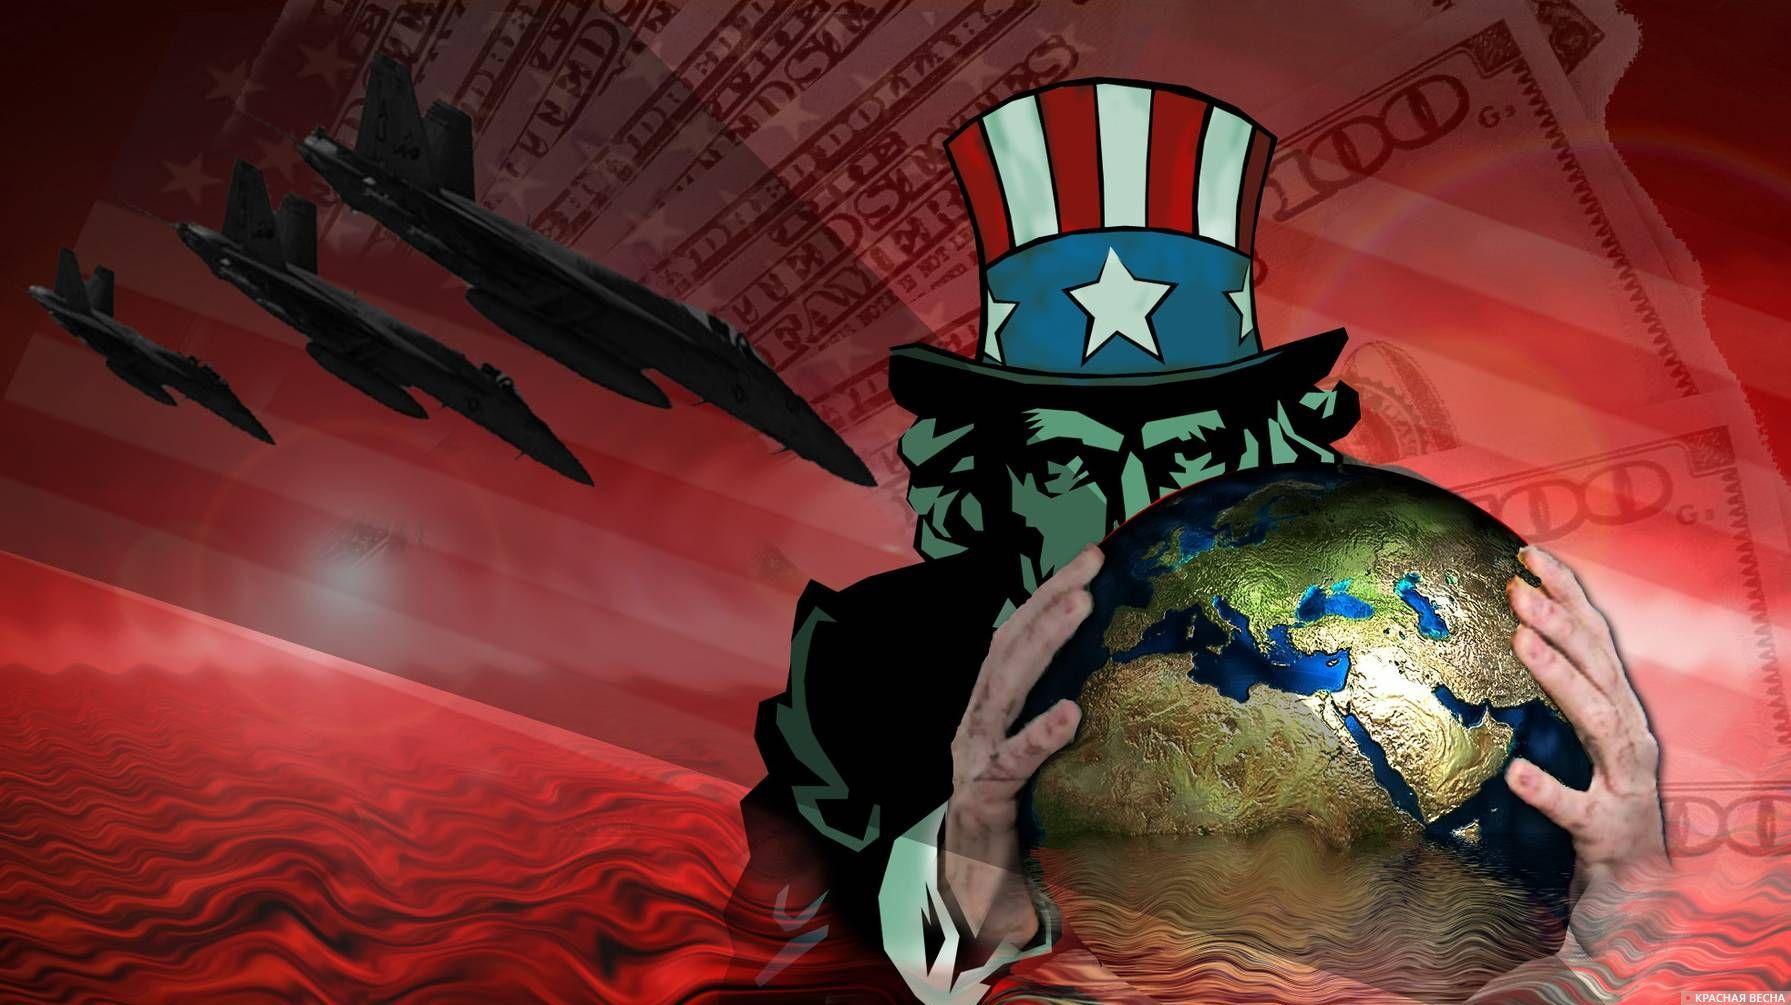 США спонсор мирового террора